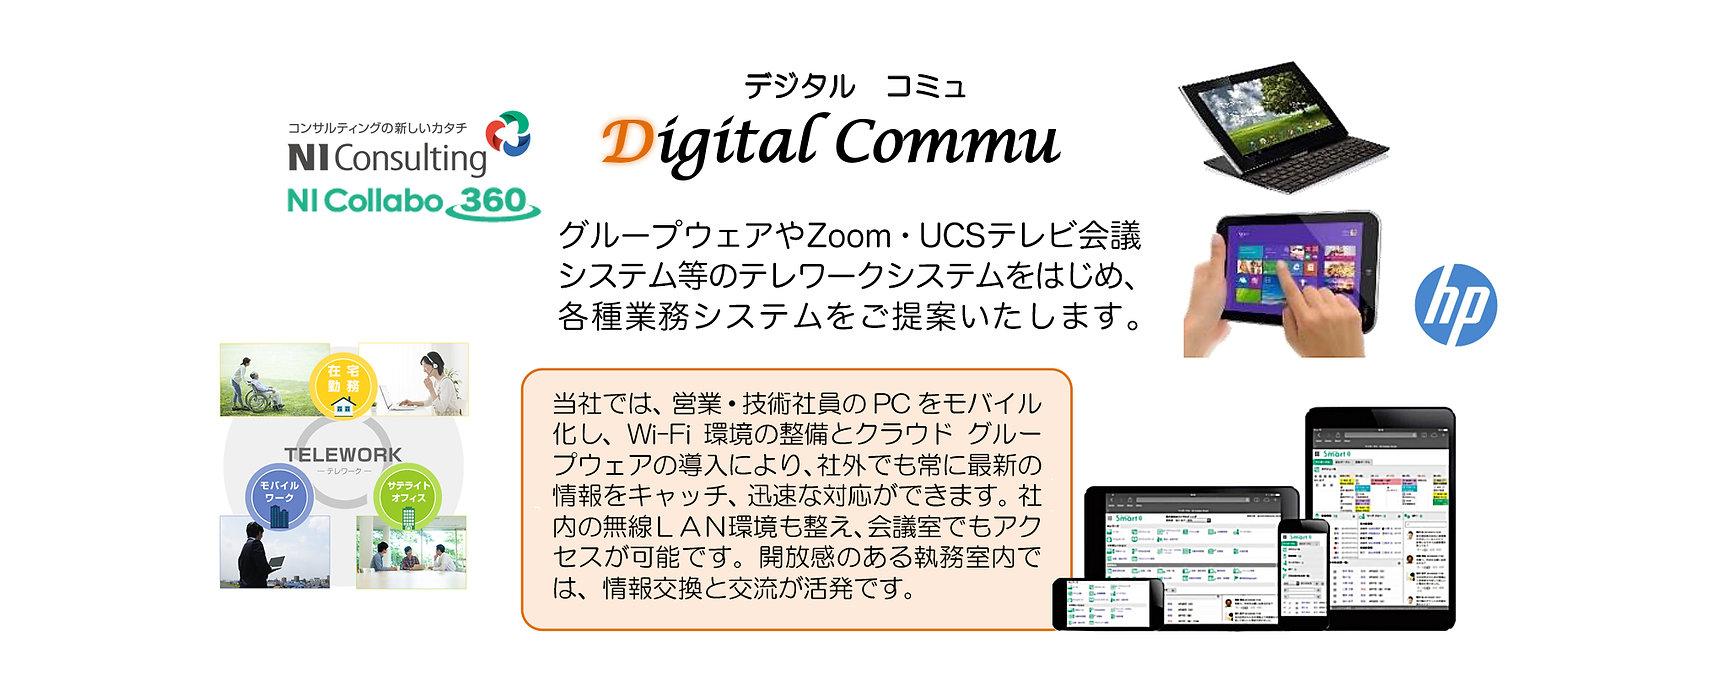 デジタルコミュ-の大.jpg